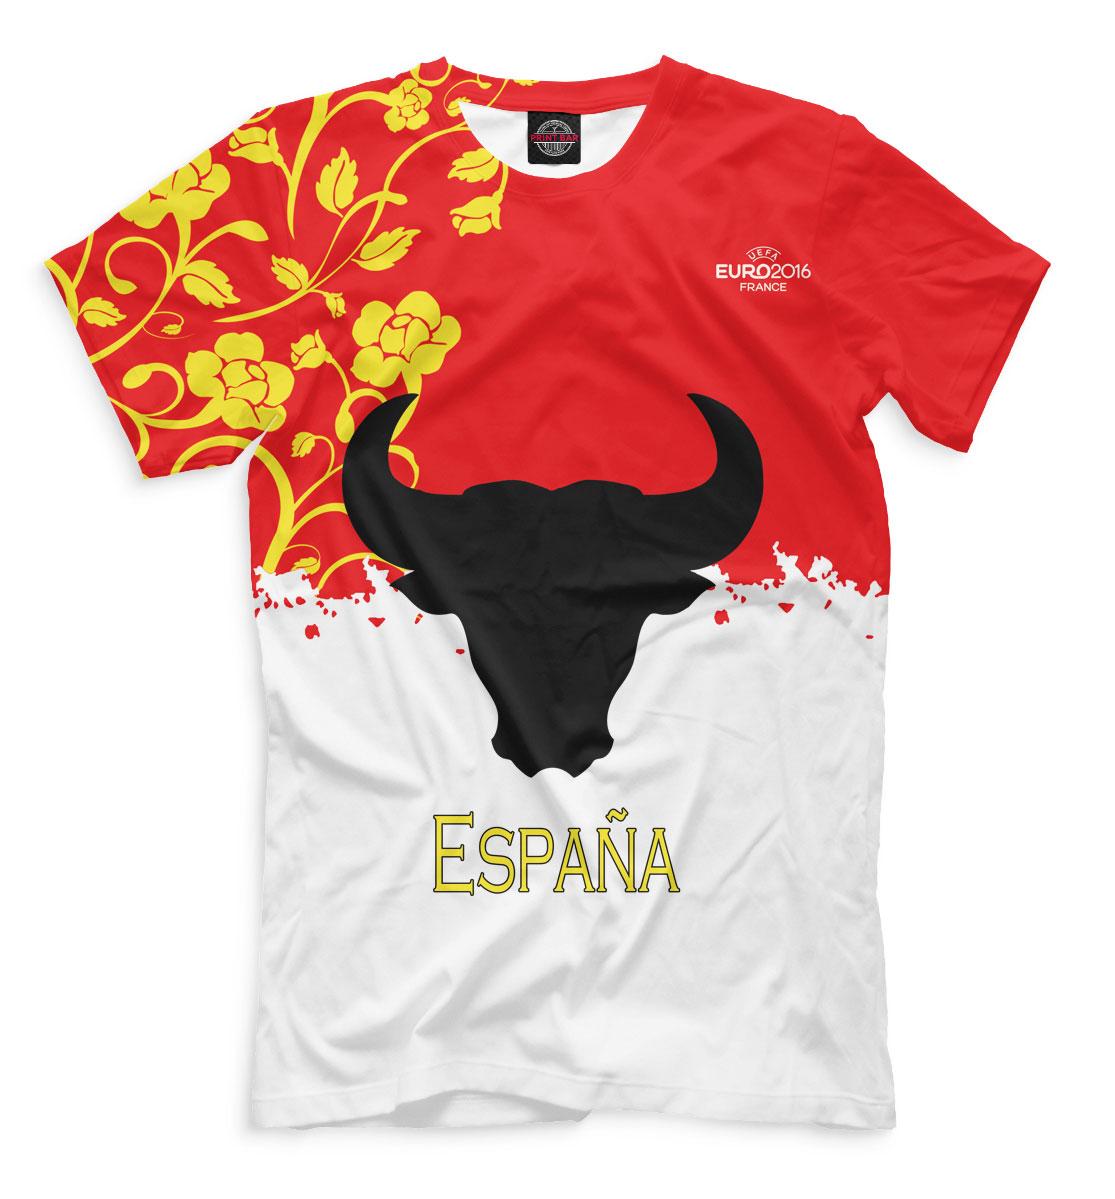 Футболки испании  Суперские футболки